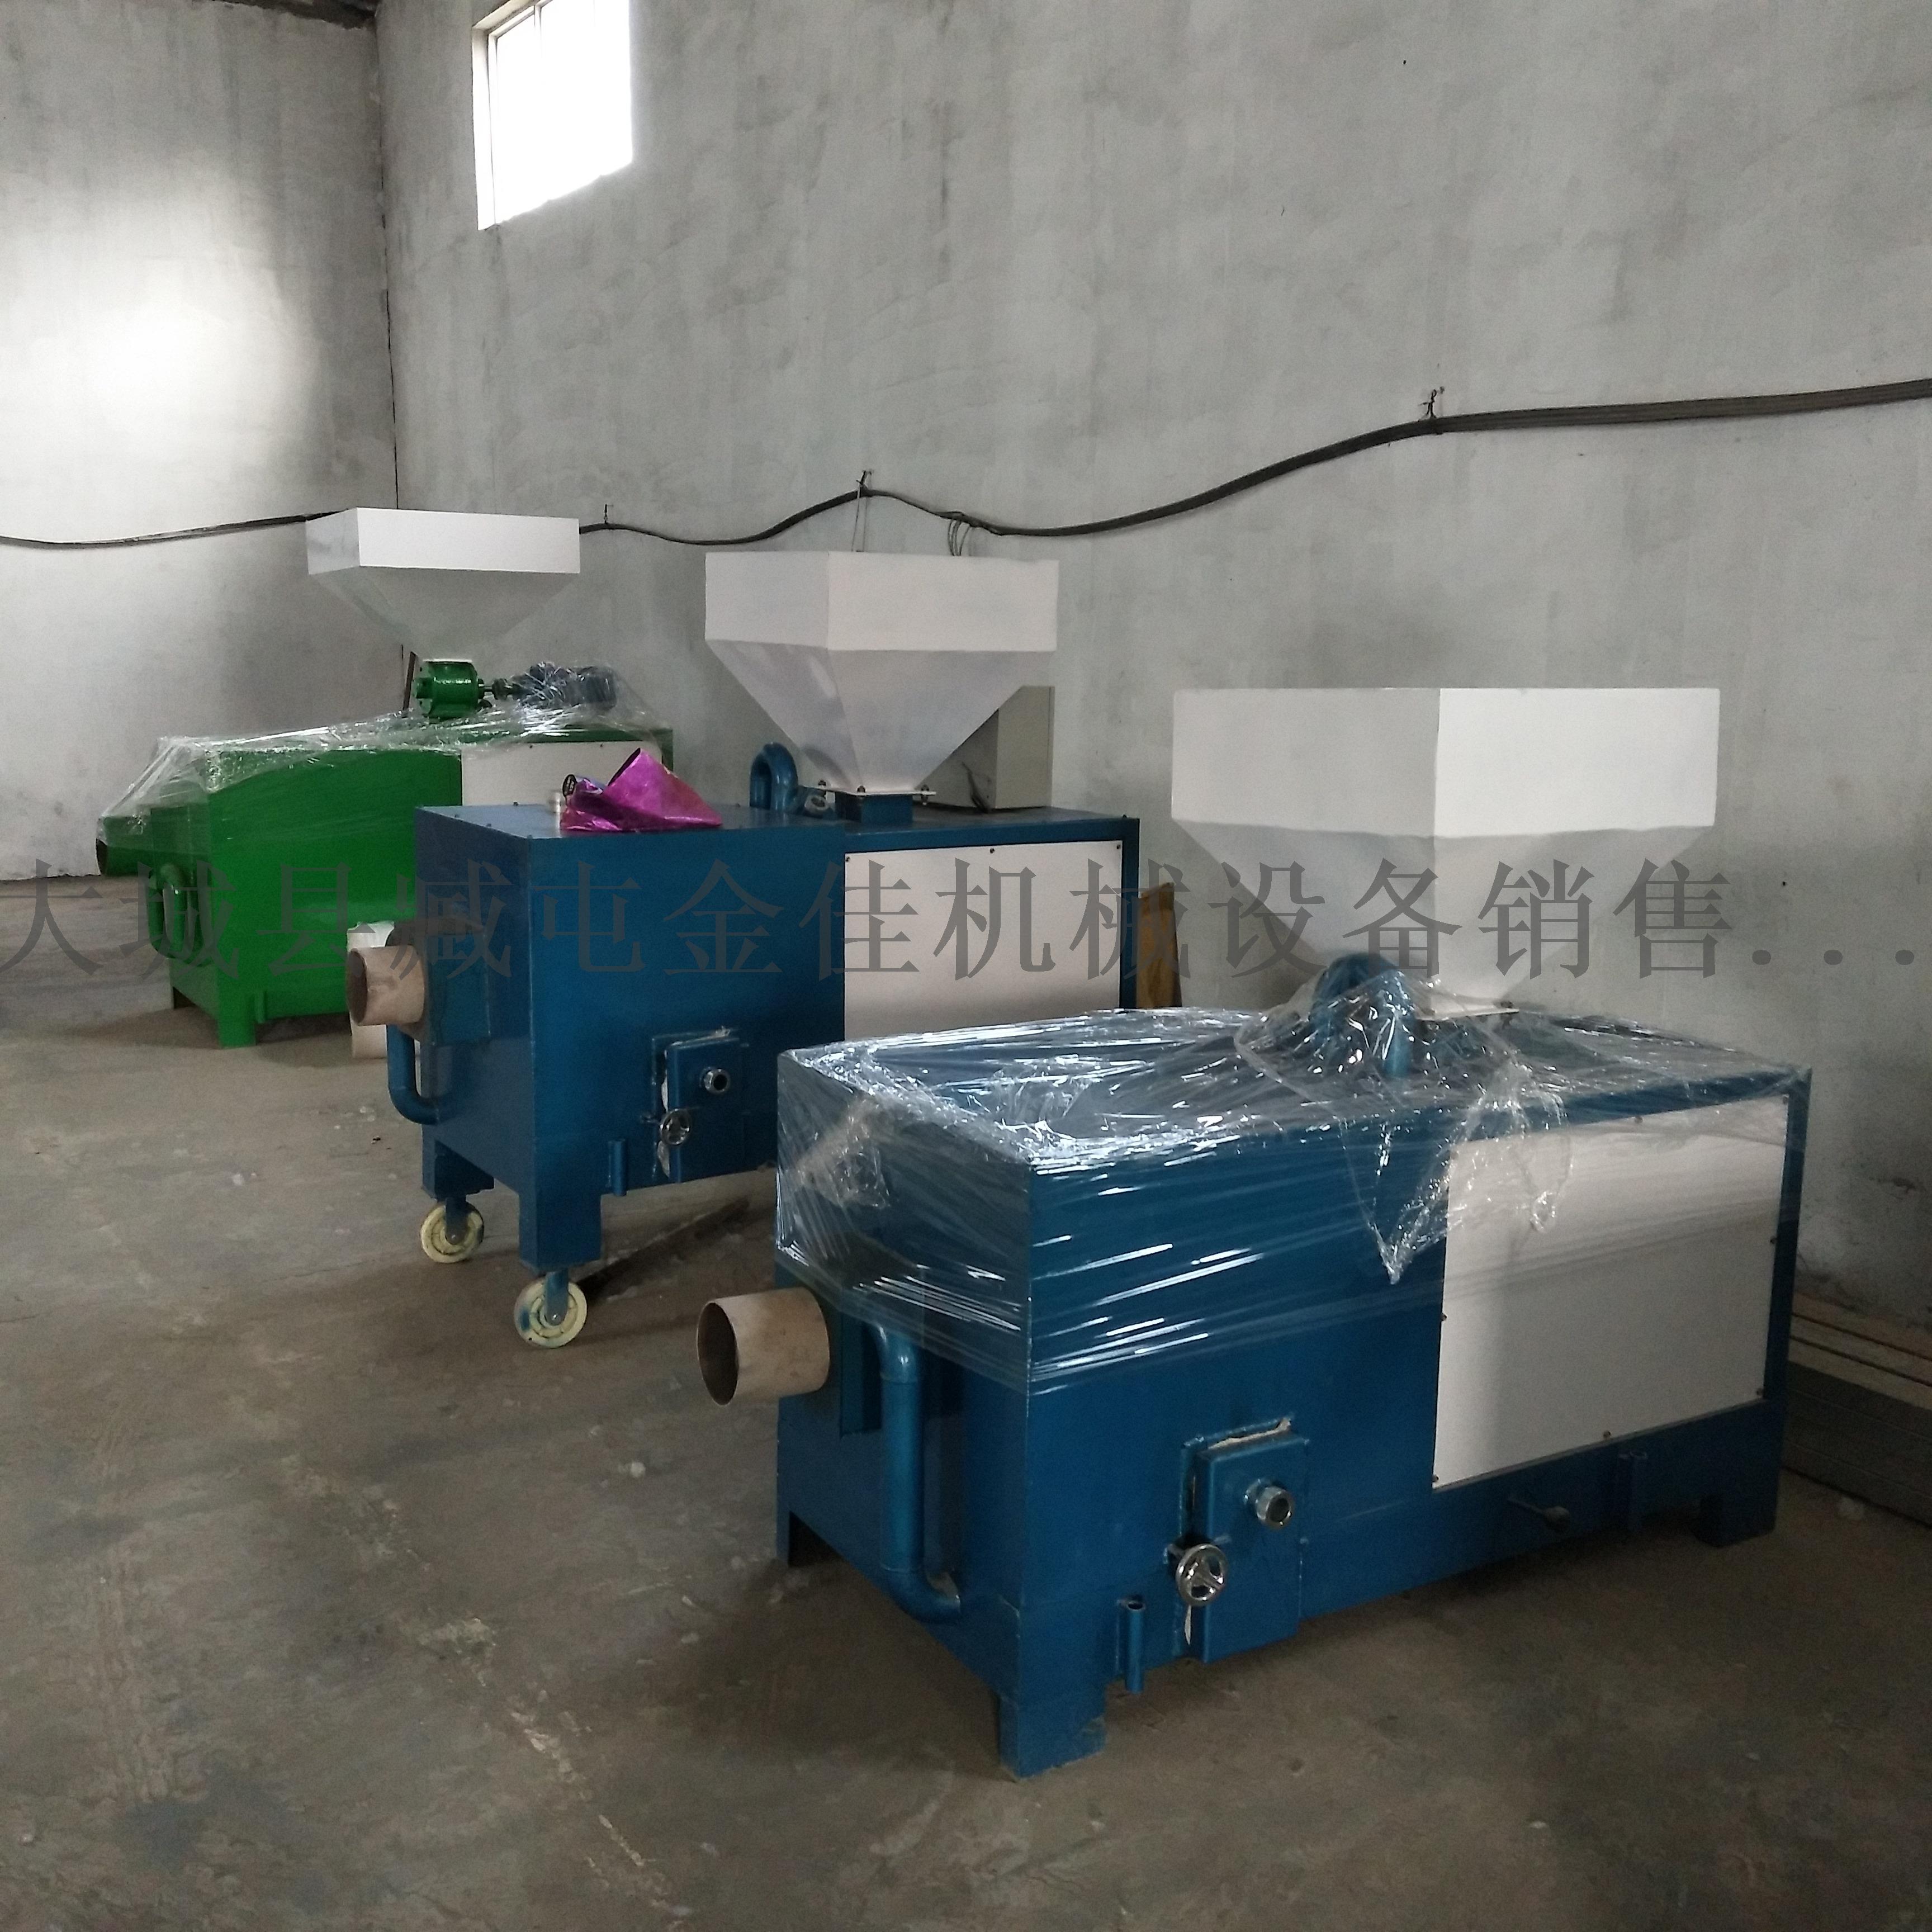 木兰县 生物质颗粒燃烧机 大城县金佳机械生产87488162